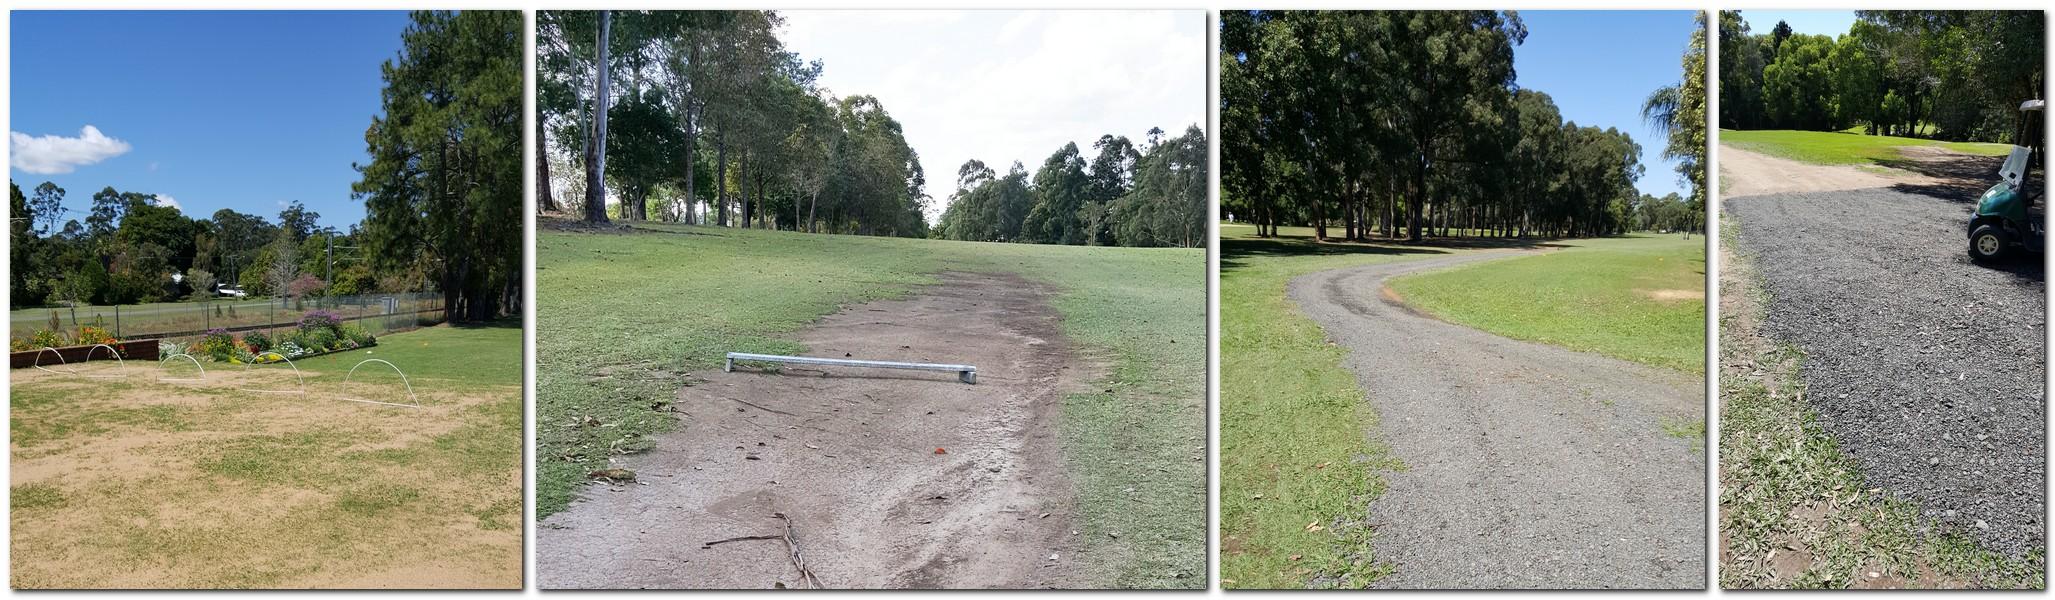 2015 09 30 - Course Maintenance Strip